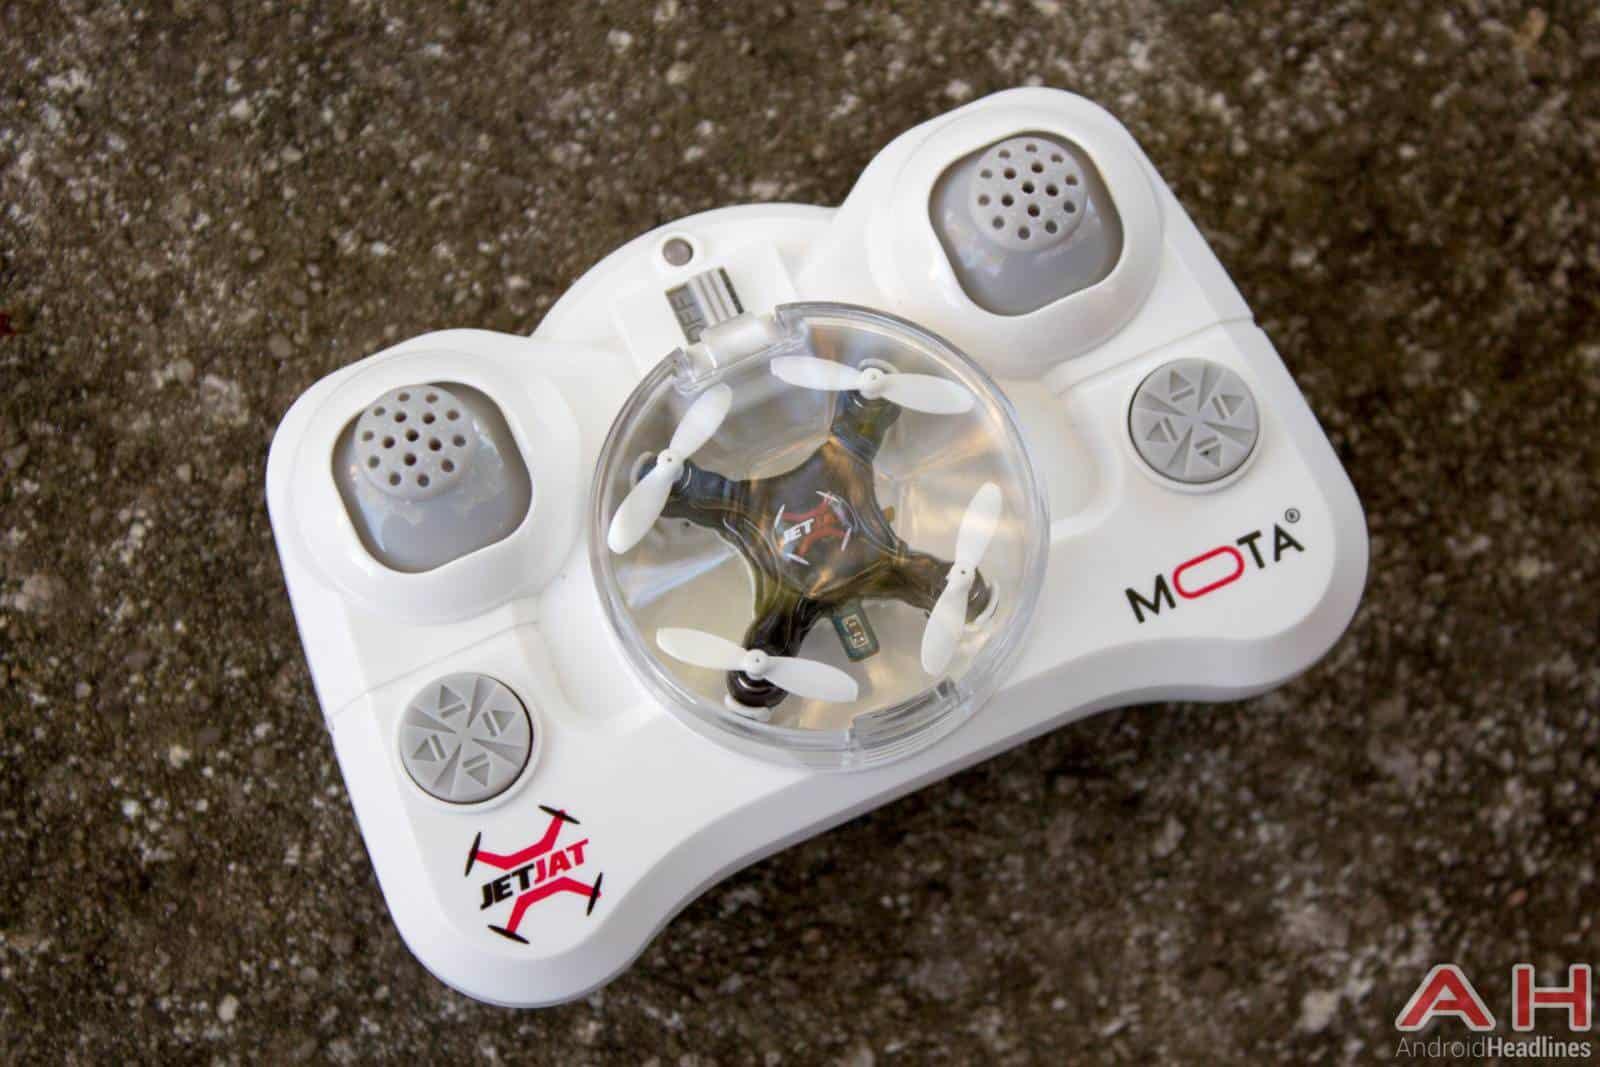 JetJat Mini Drone!